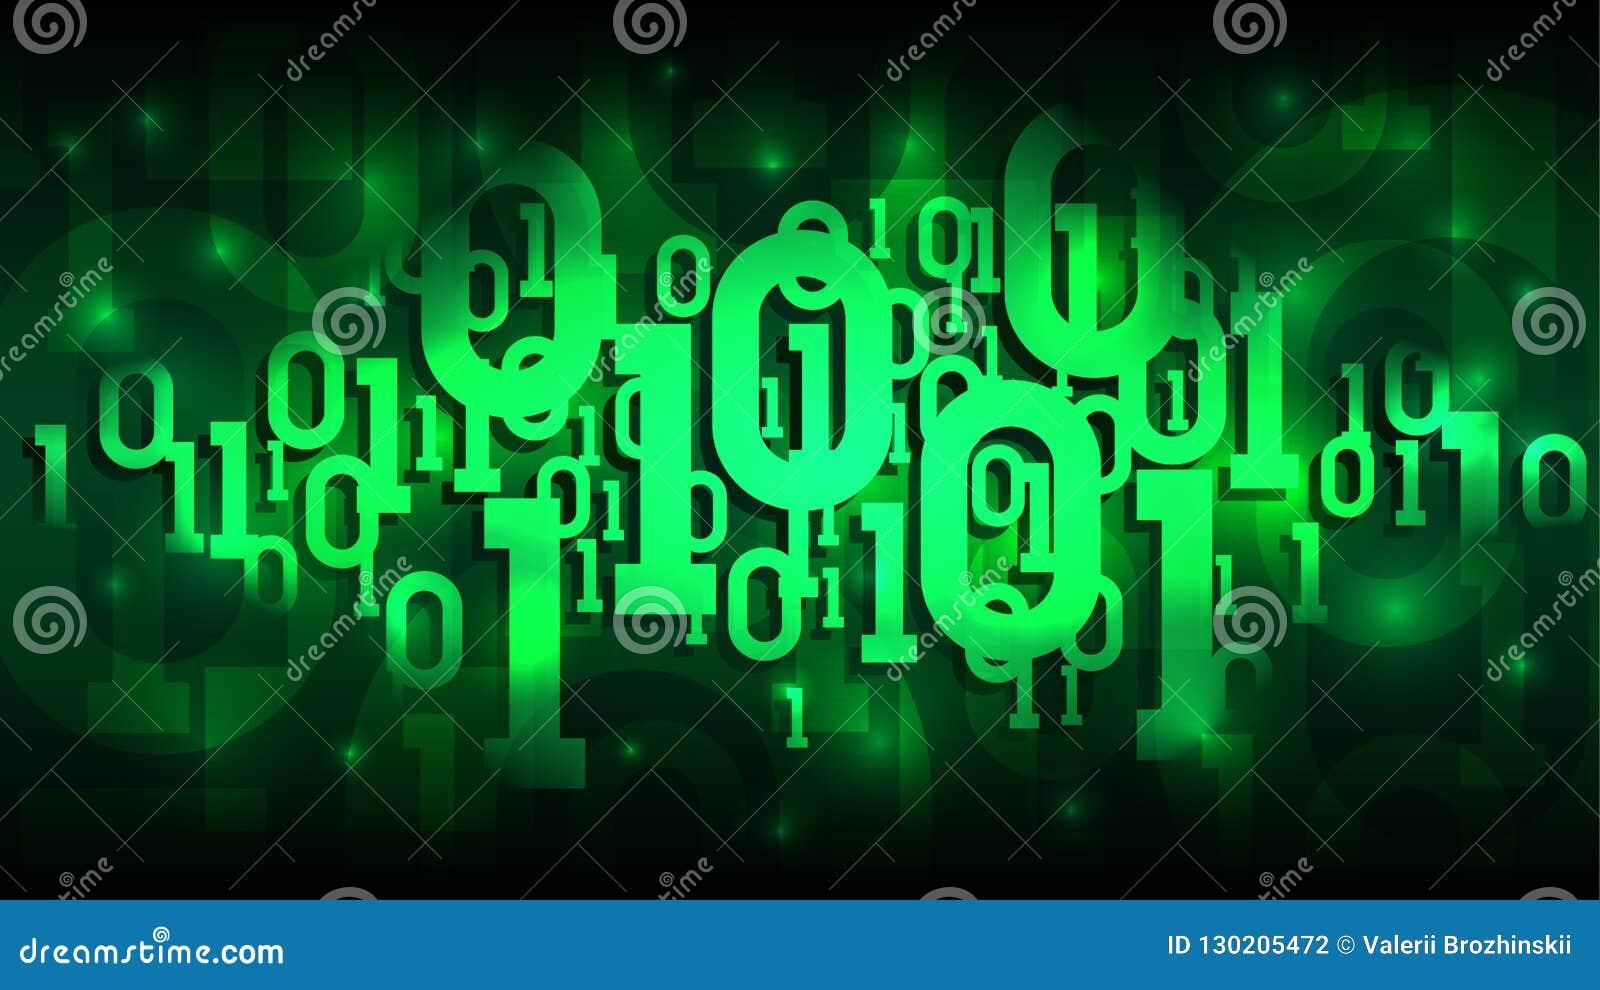 Το πράσινο υπόβαθρο μητρών με το δυαδικό κώδικα, σκιάζει τον ψηφιακό κώδικα στον αφηρημένο φουτουριστικό κυβερνοχώρο, σύννεφο των